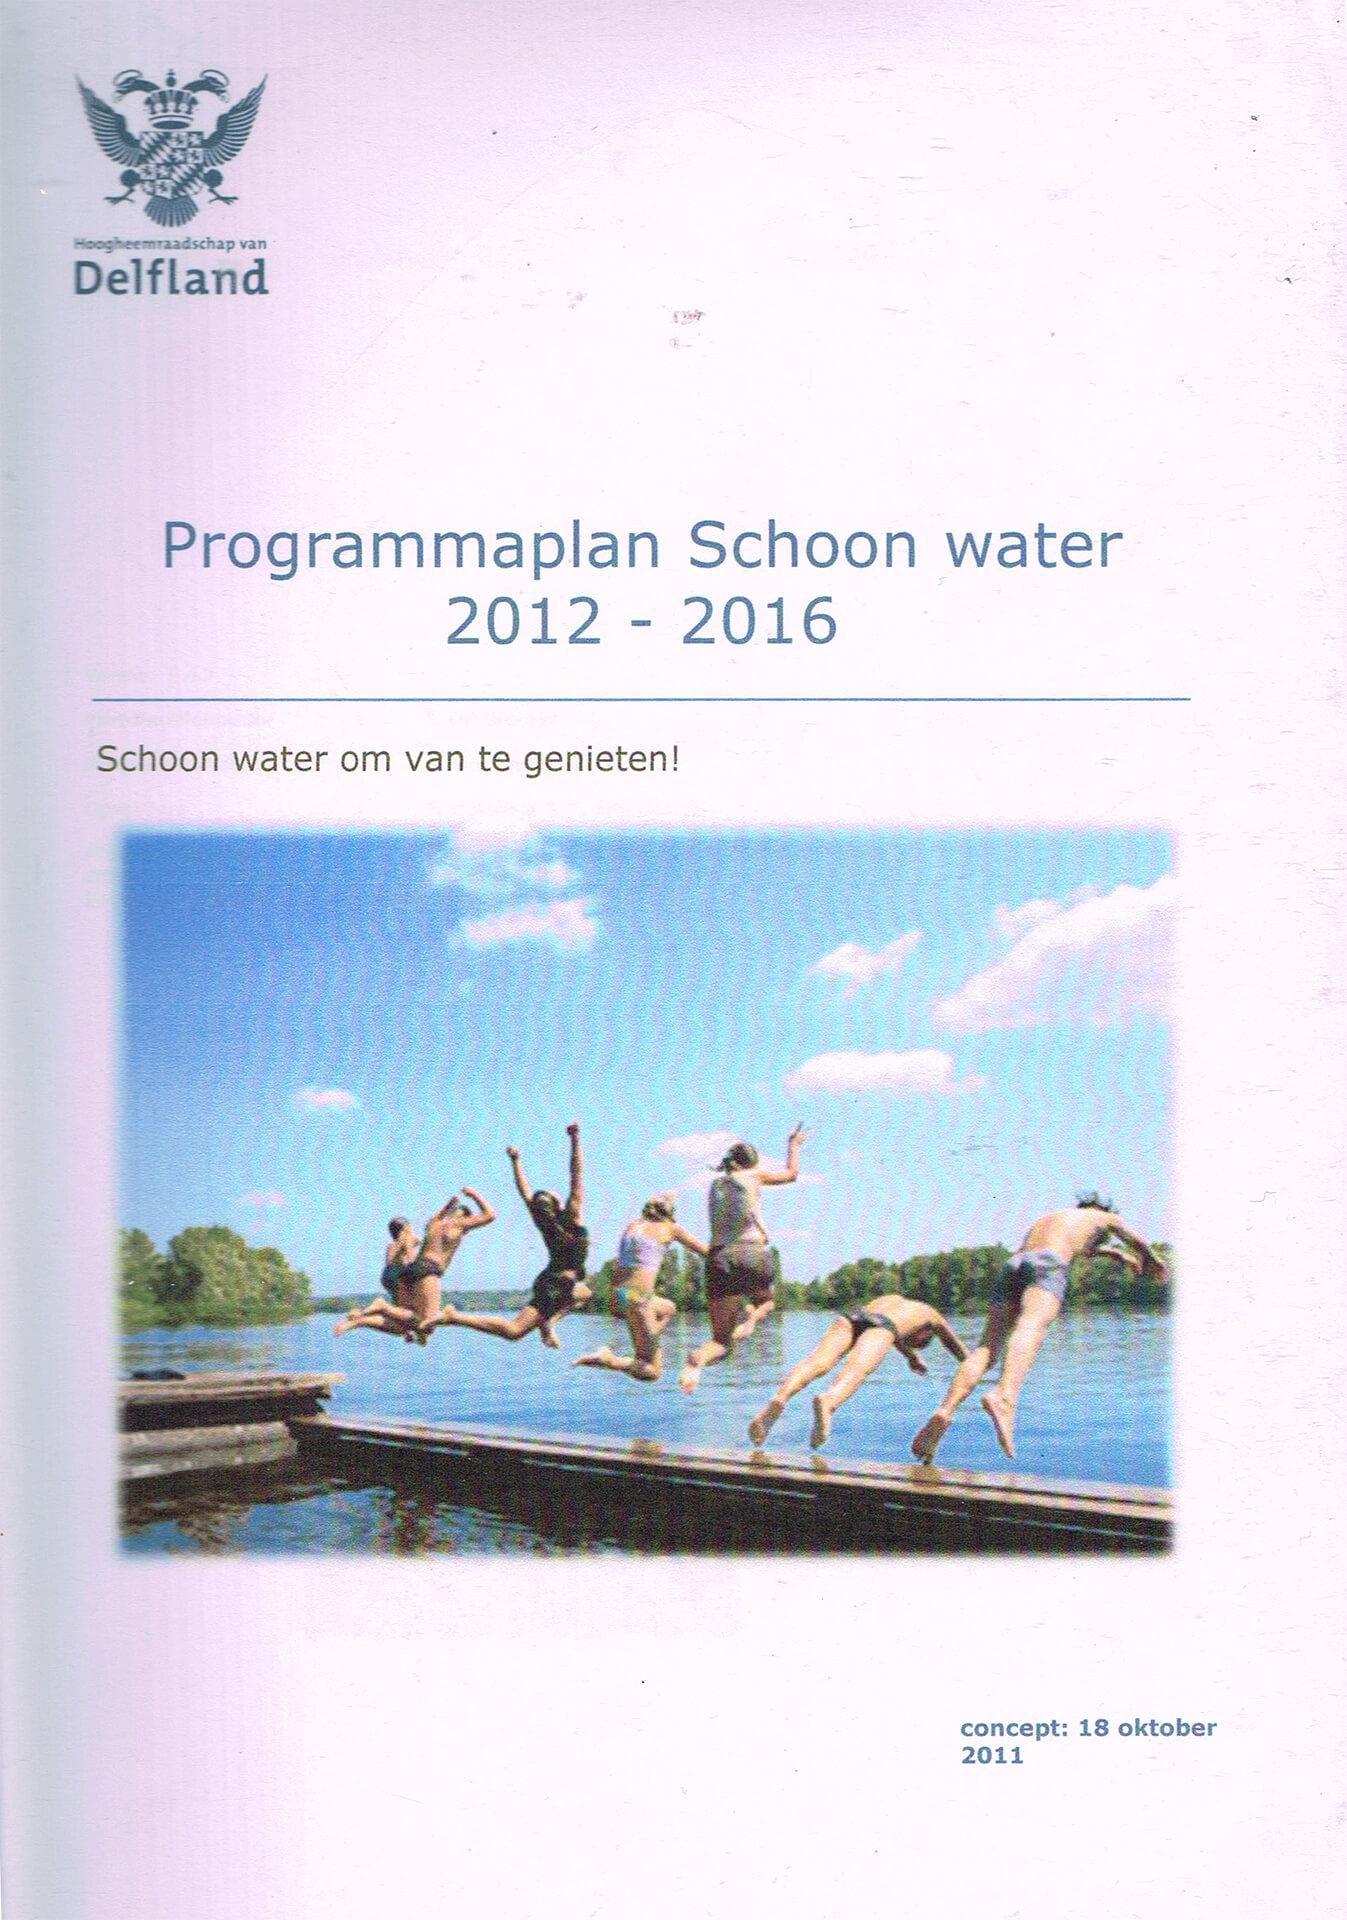 Programmaplan schoon water Delfland